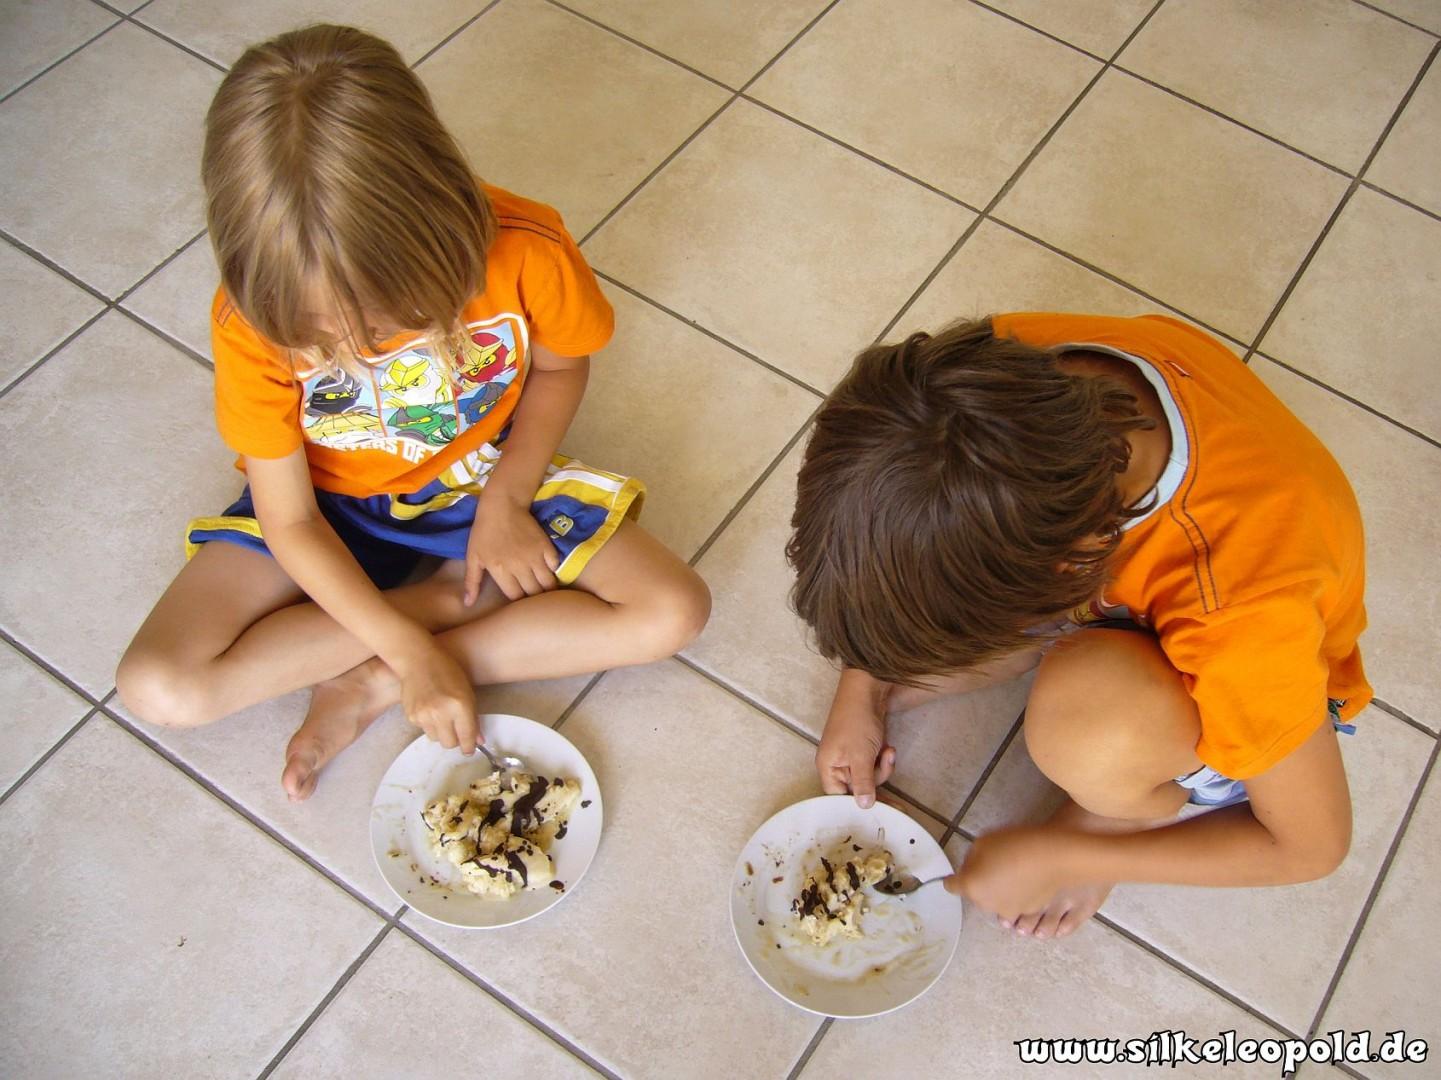 Jungs und Bananen- Carobeis